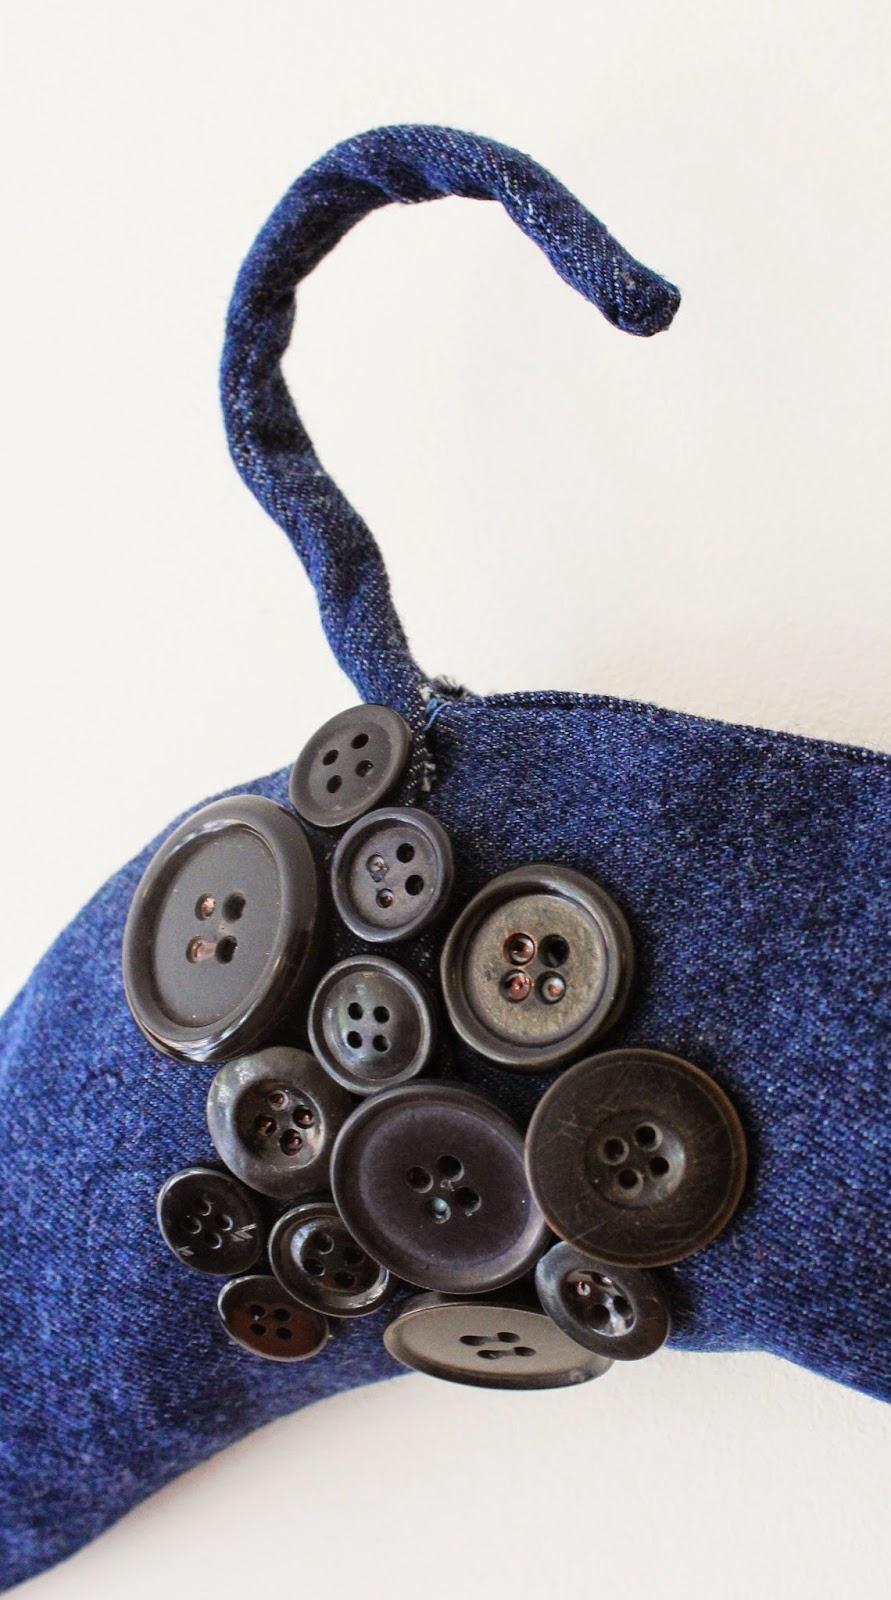 guziki,recycled jeans, wieszak z recyklingu,jak zrobić ozdobny wieszak, blog DIY majsterkowanie zrób to sam, inspiracje DIY polska,blogerka DIY poland